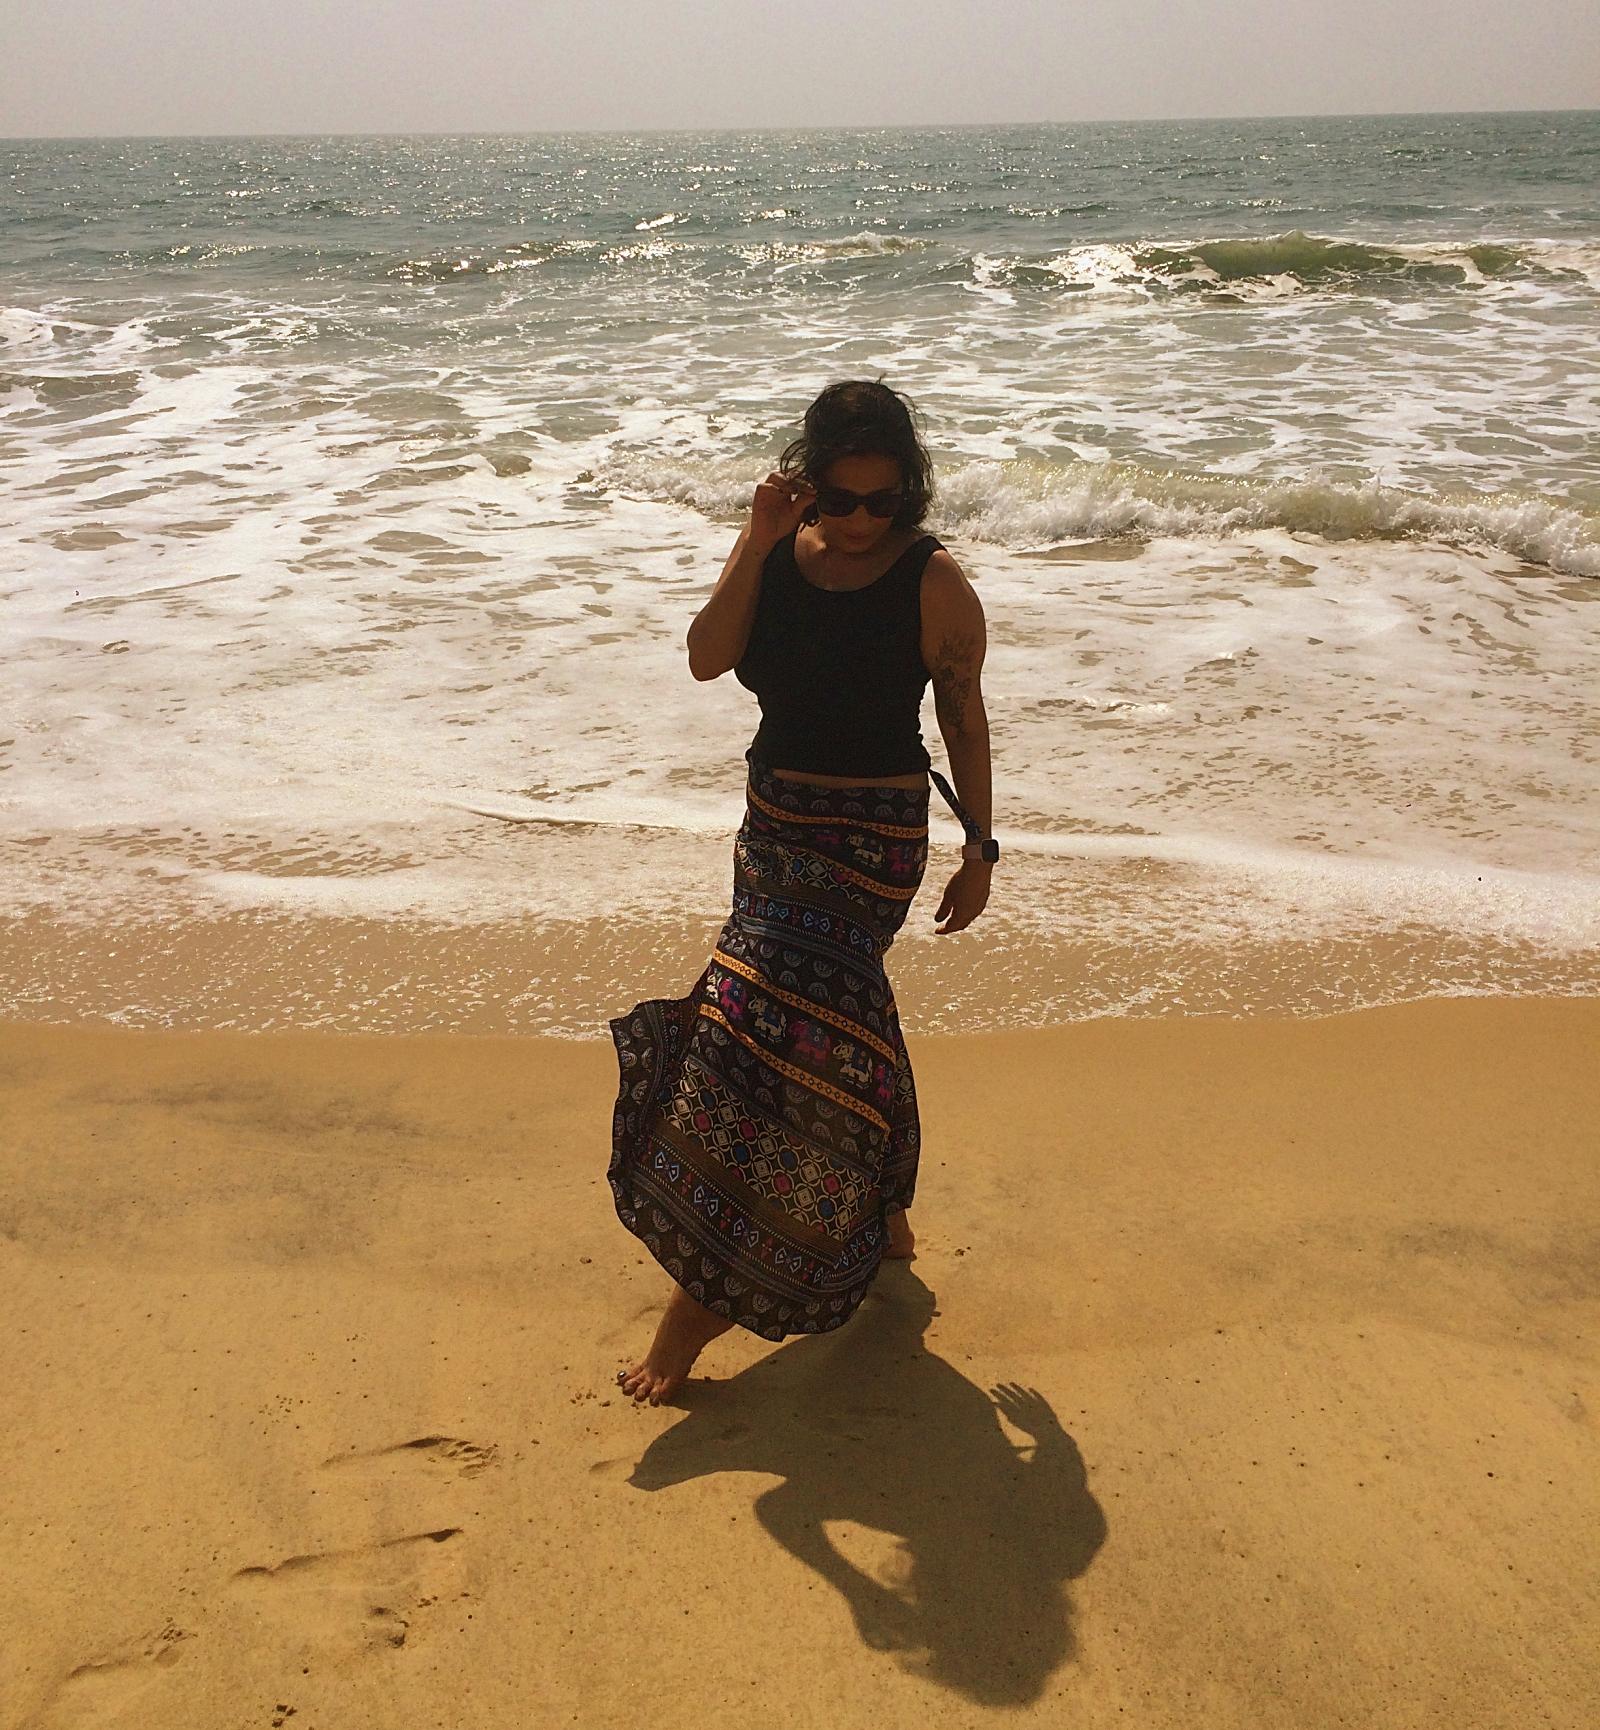 Veidehi Gite Honavar Blue Flag Beach